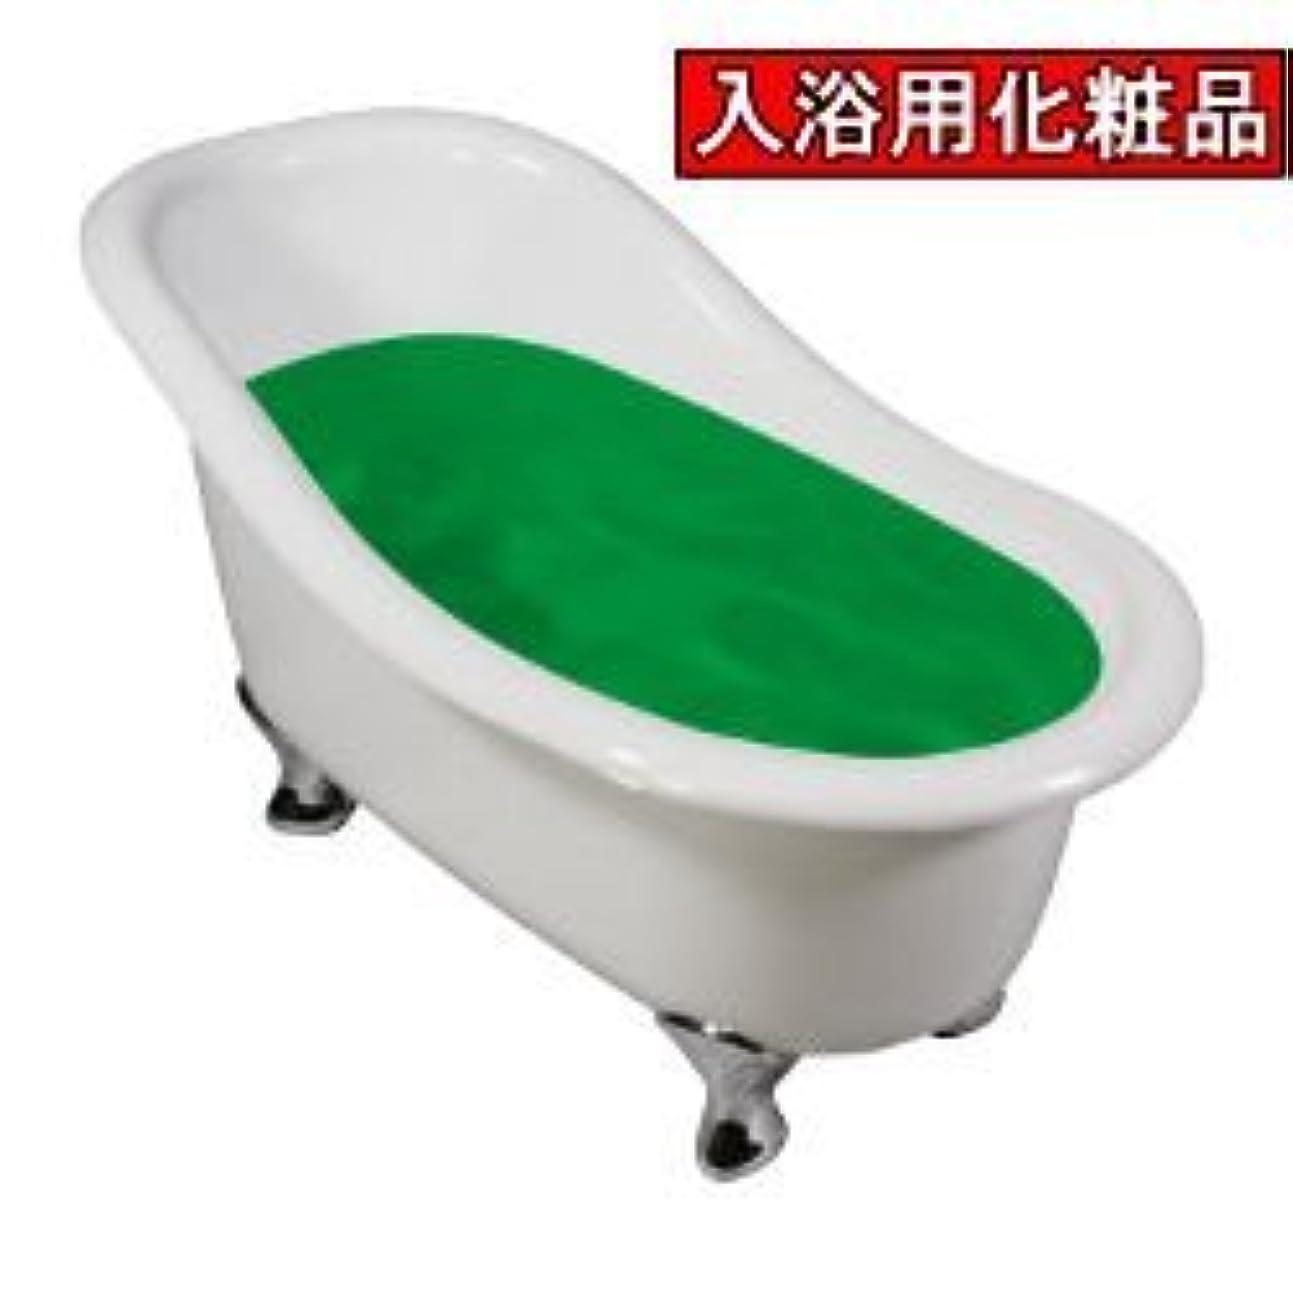 定義落ち着いて振動させる業務用入浴剤イヴタス 緑茶 17kg 業務用サイズ